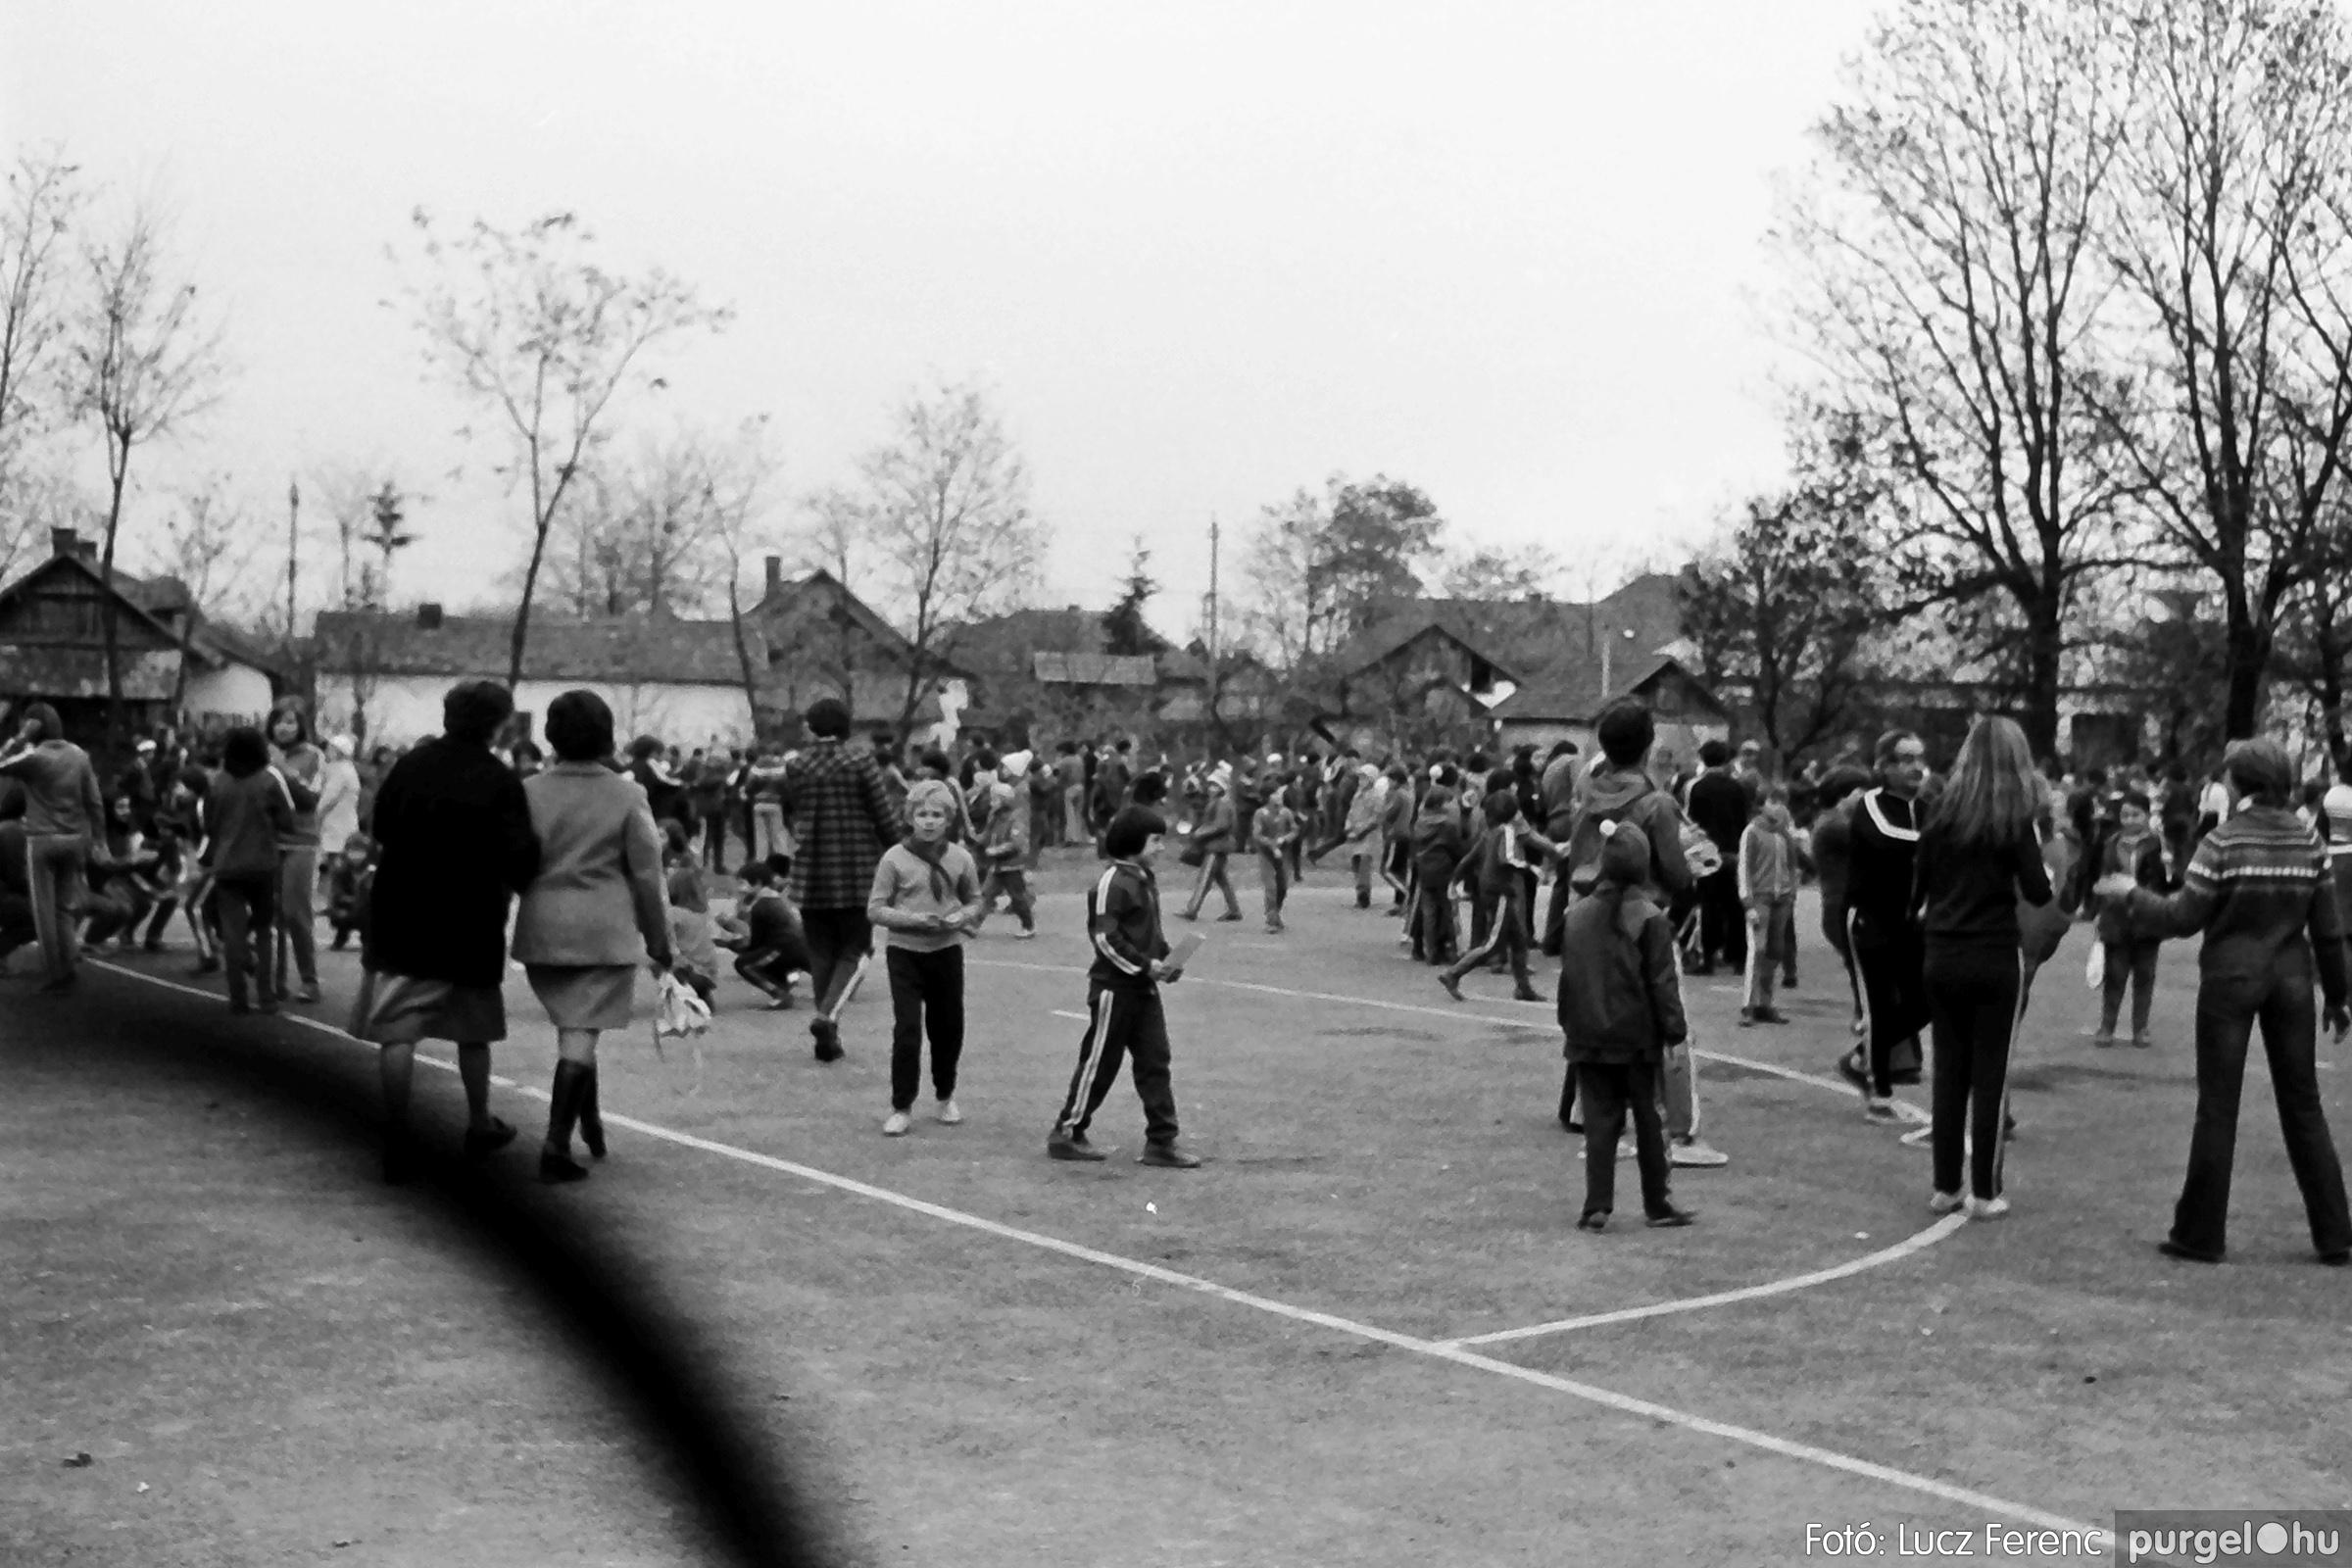 092. 1977. Úttörő rendezvény a Központi Általános Iskolában 019. - Fotó: Lucz Ferenc.jpg